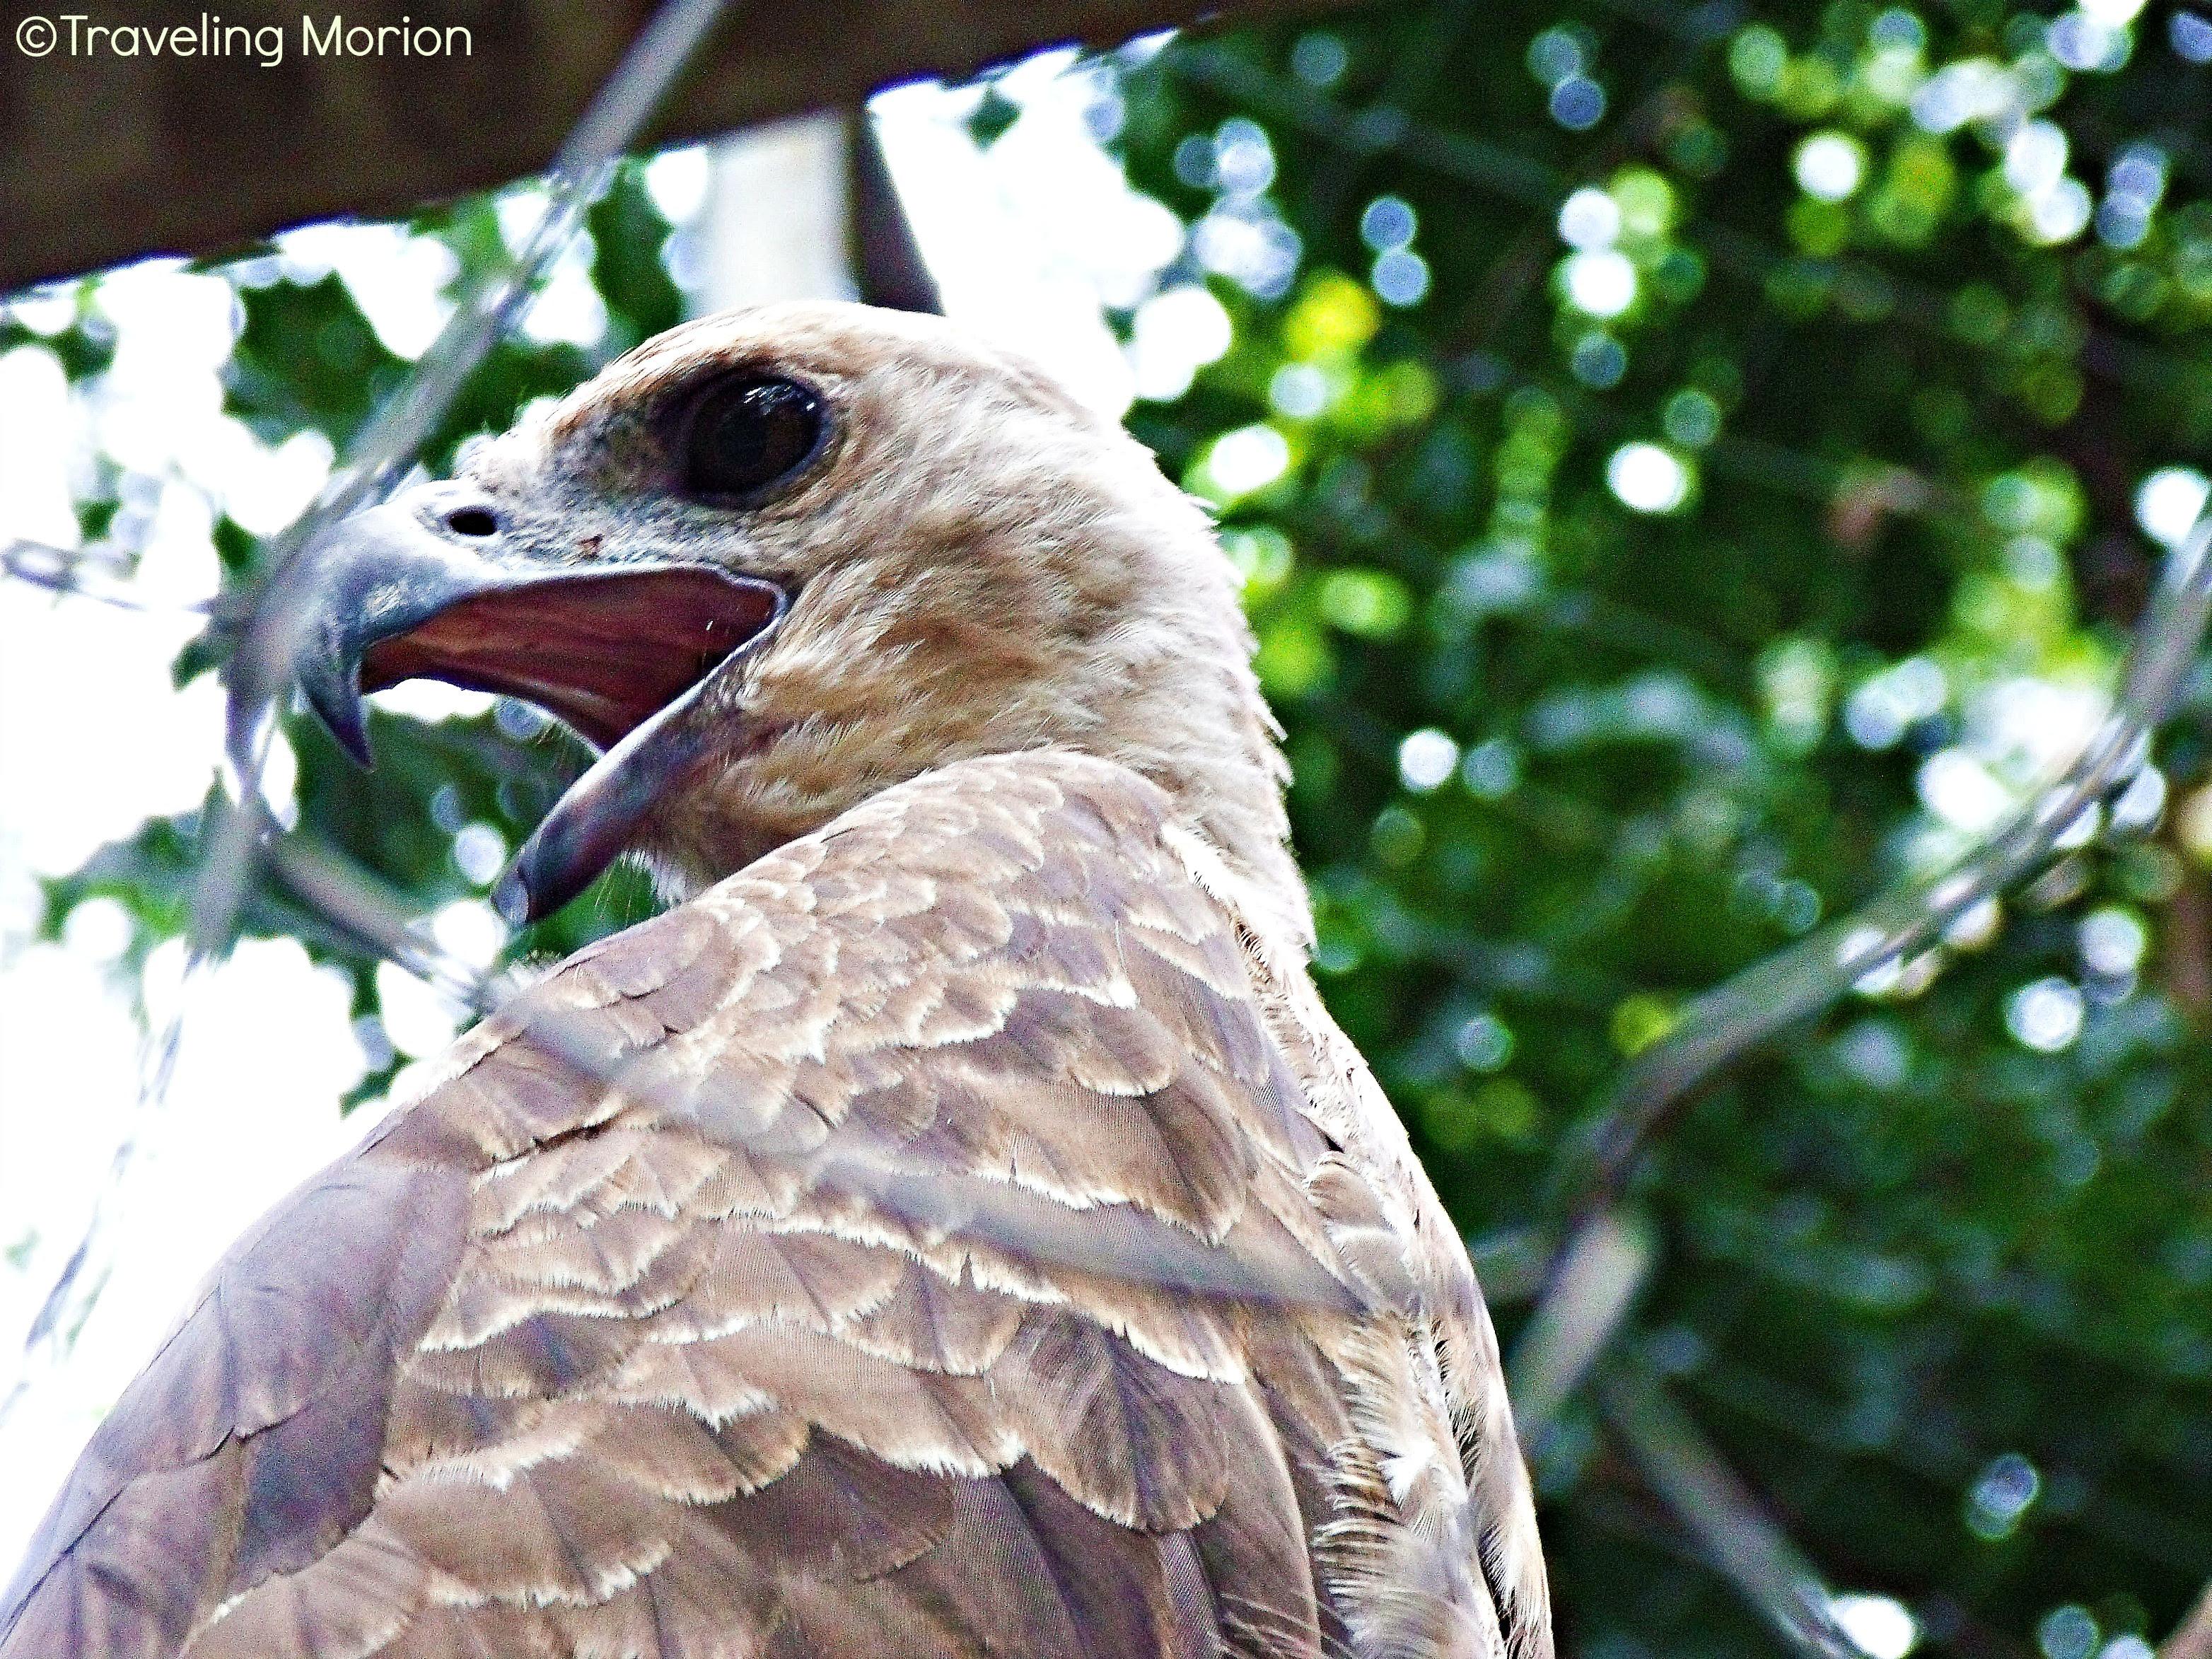 Lantawan Eco Park Kitcharao, Agusan del Norte